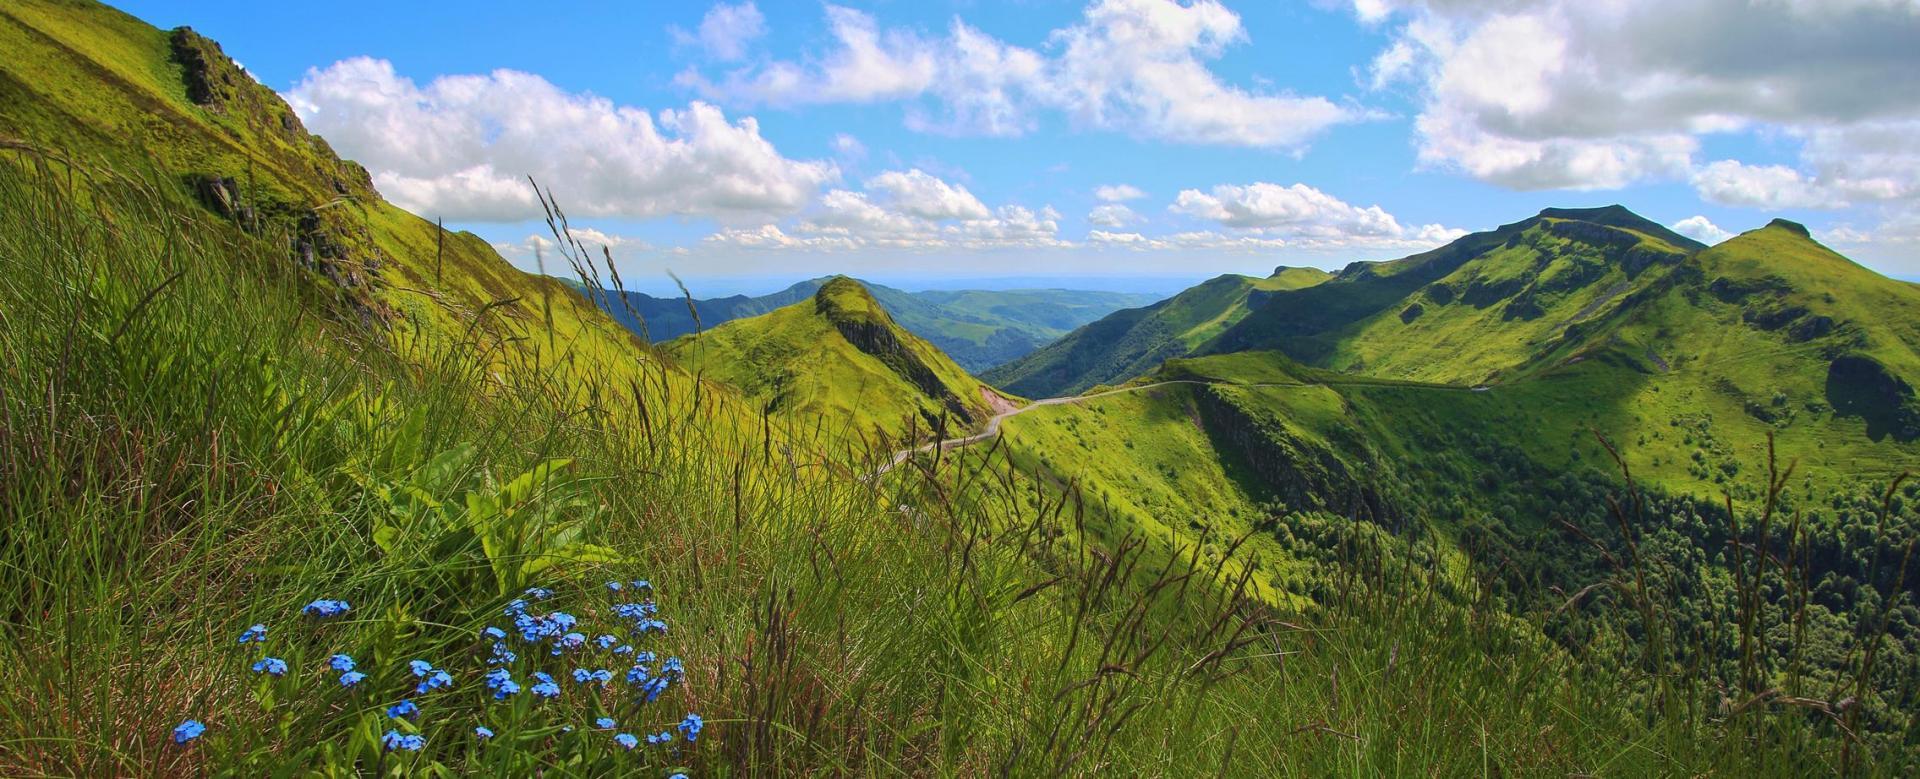 Voyage à pied France : Tour du cantal